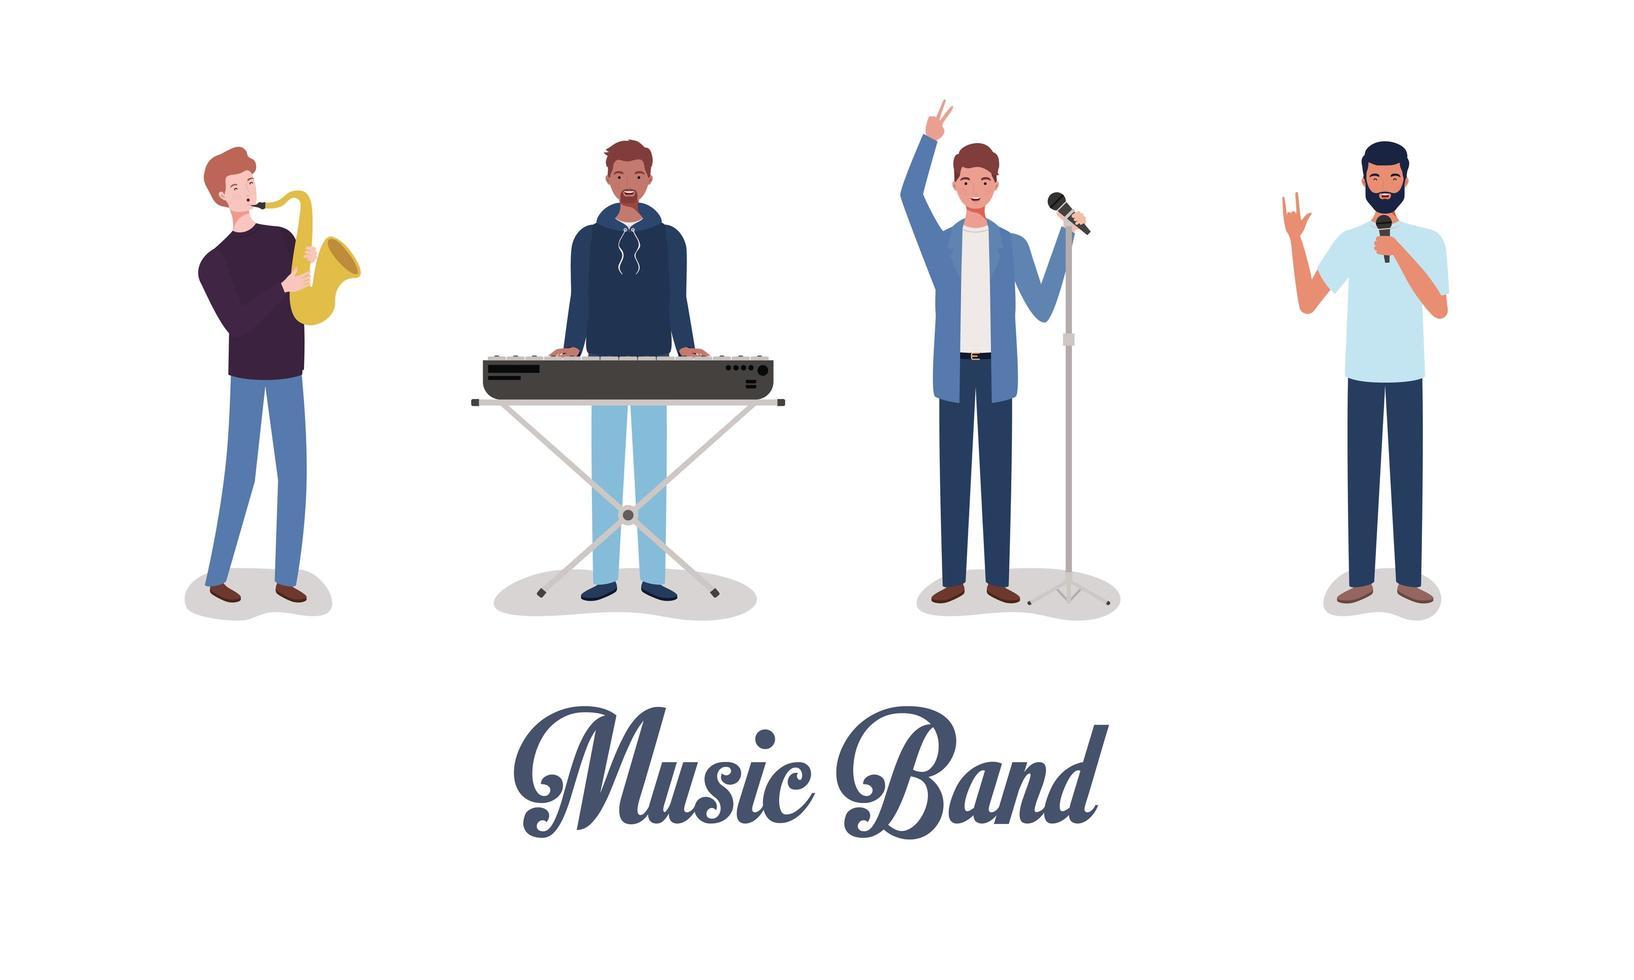 grupp av interracial män som spelar musik i ett band vektor